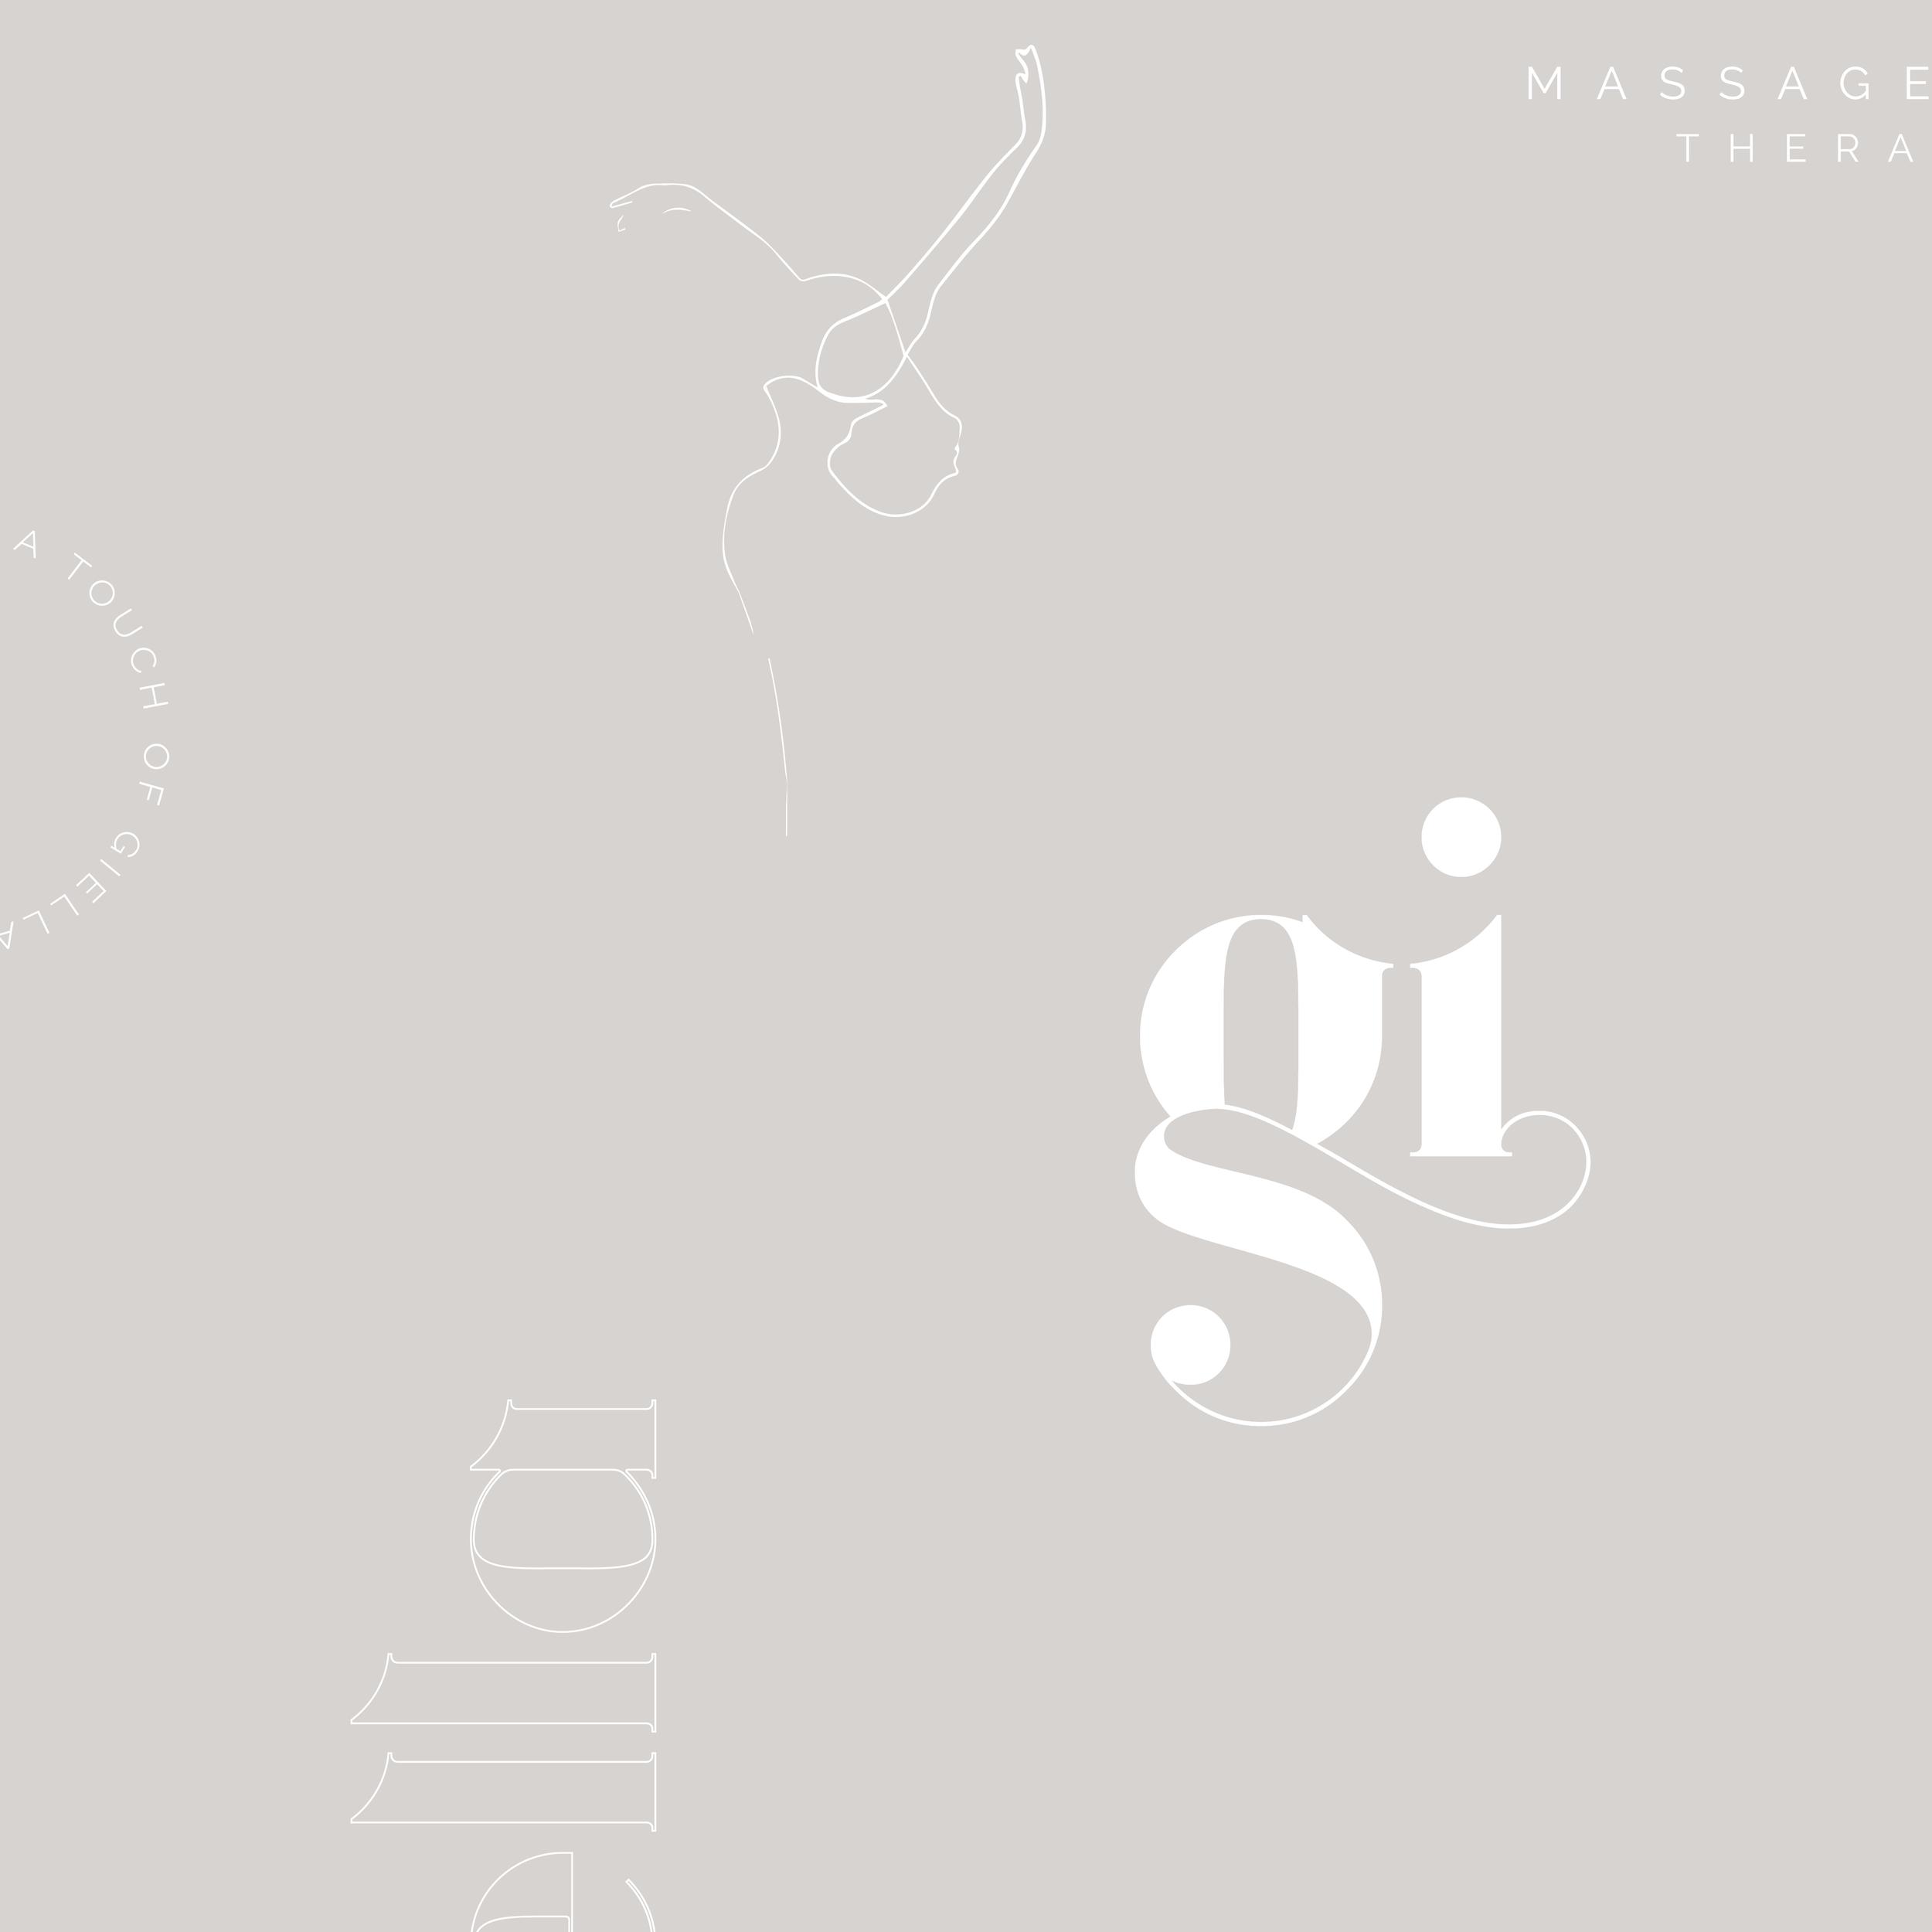 gi-02.png